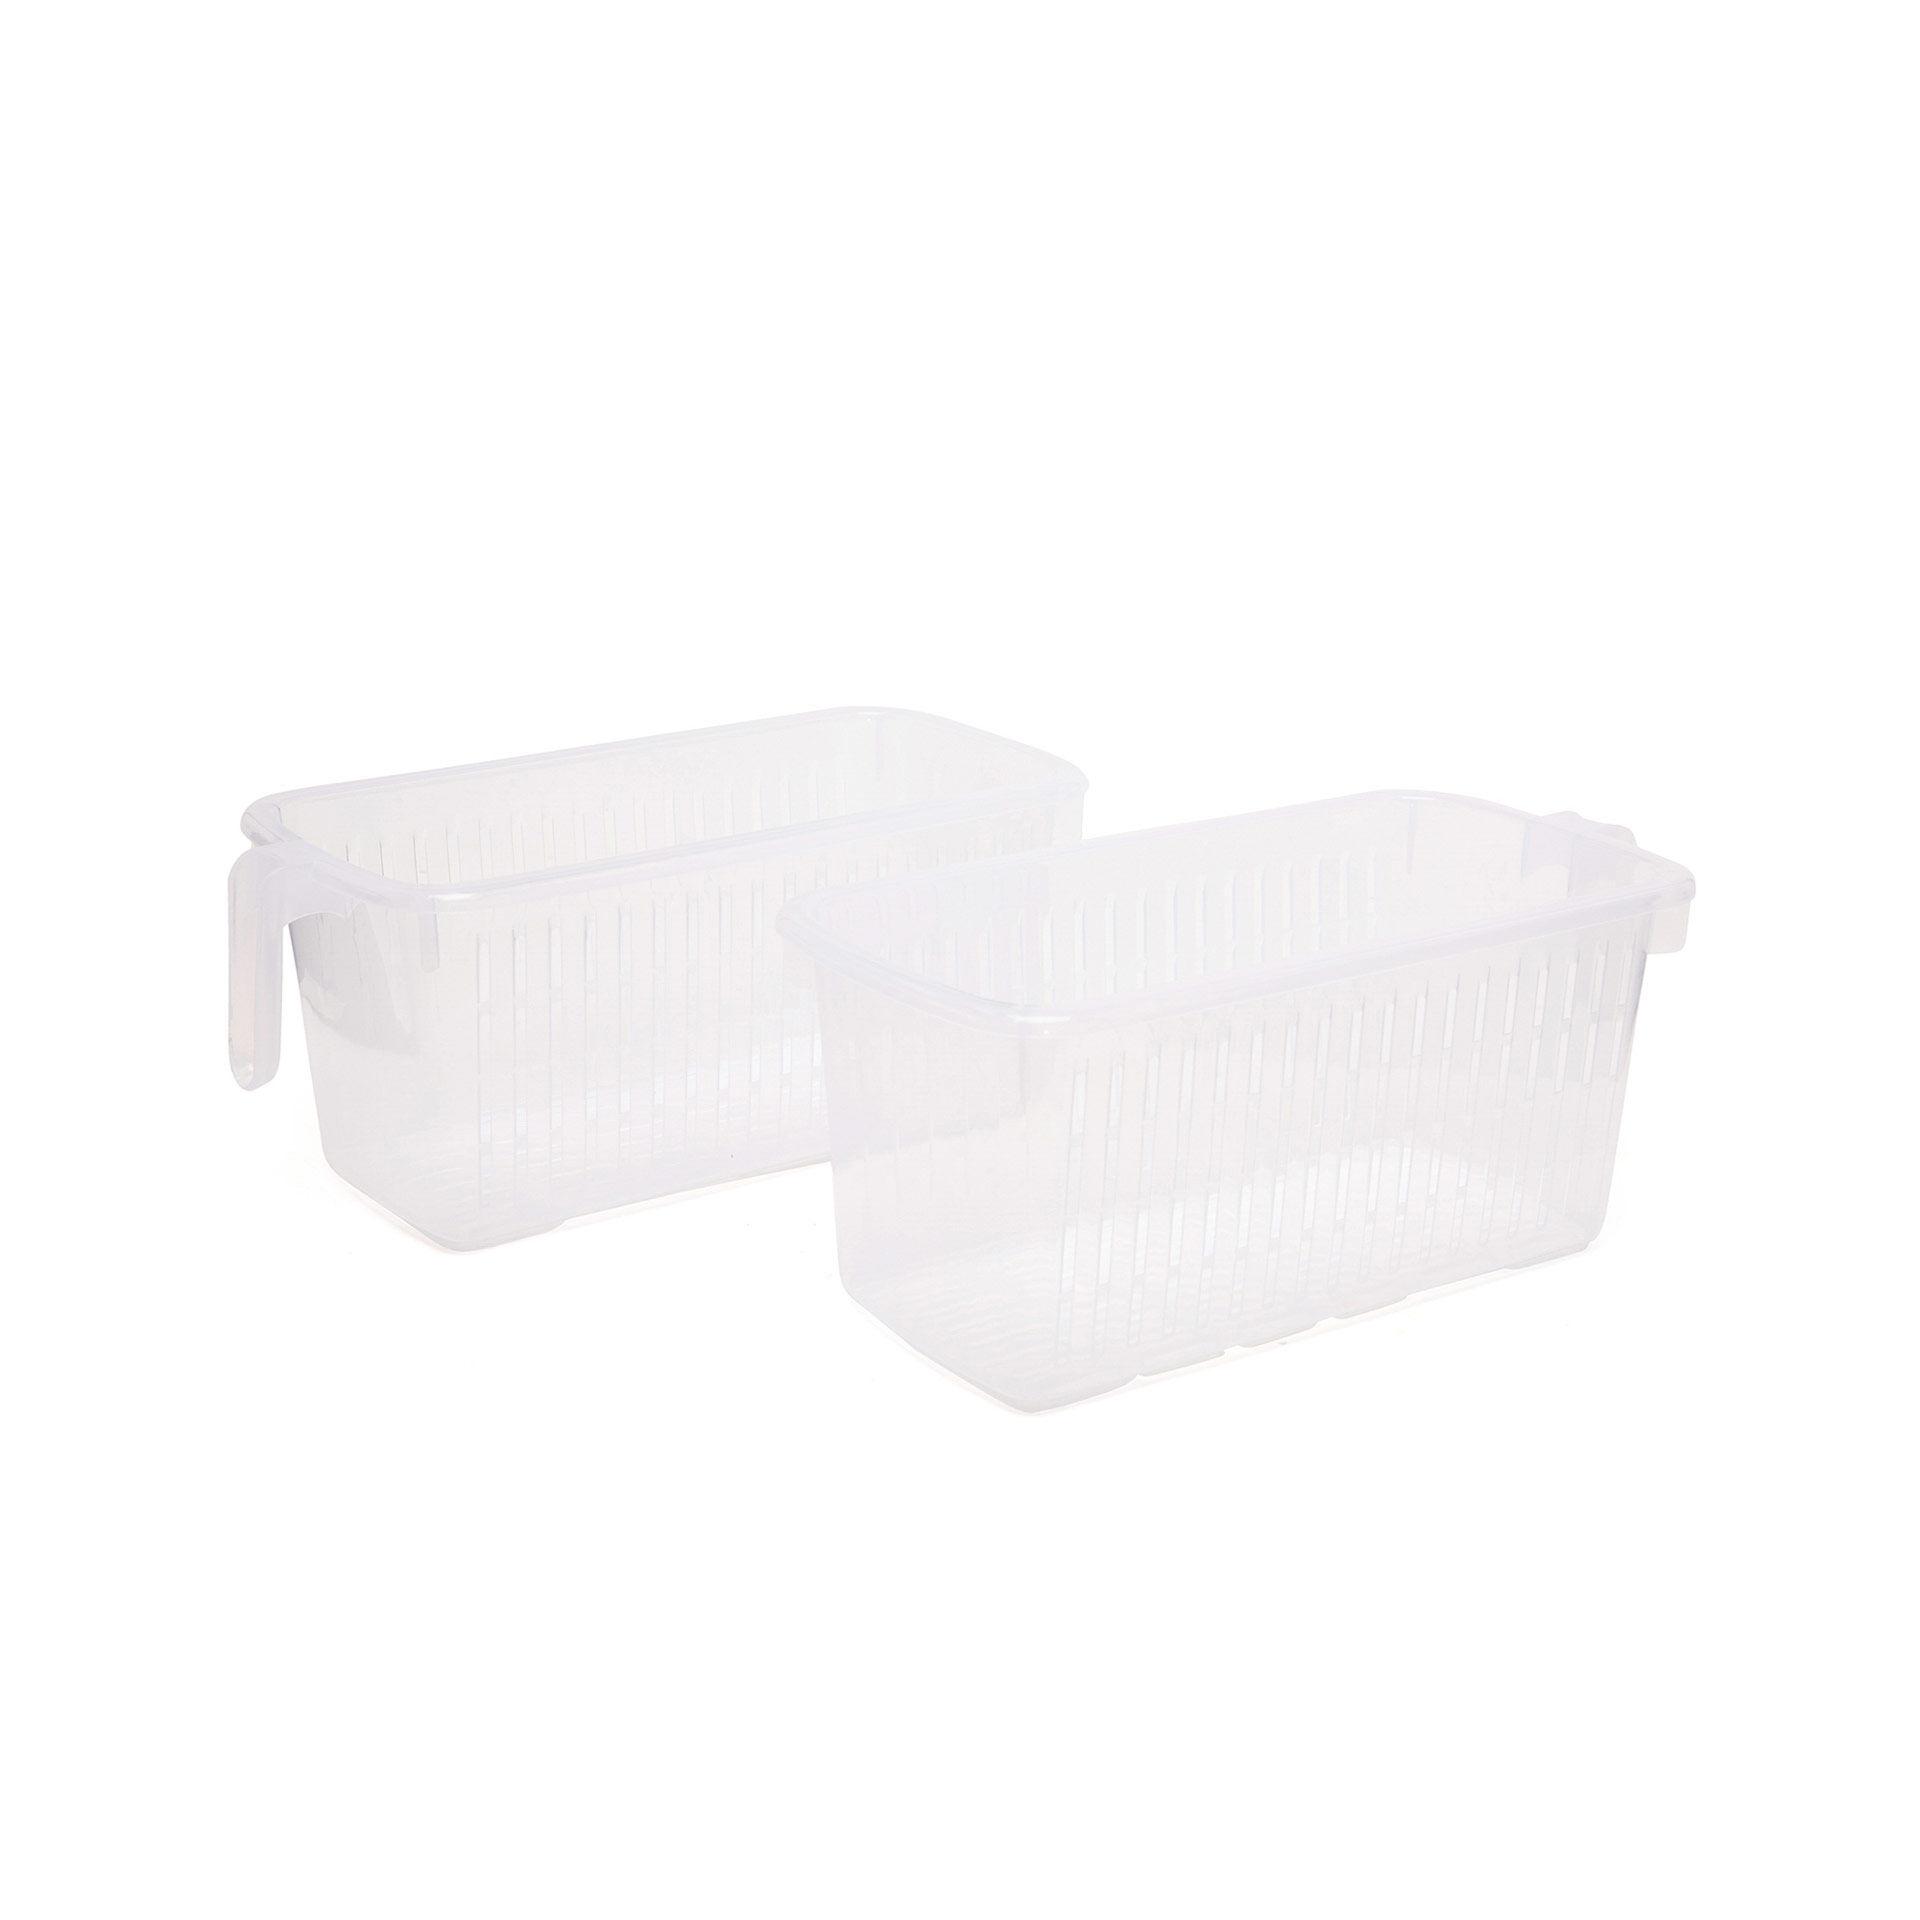 2 tiroirs gain de place avec poignée, , large